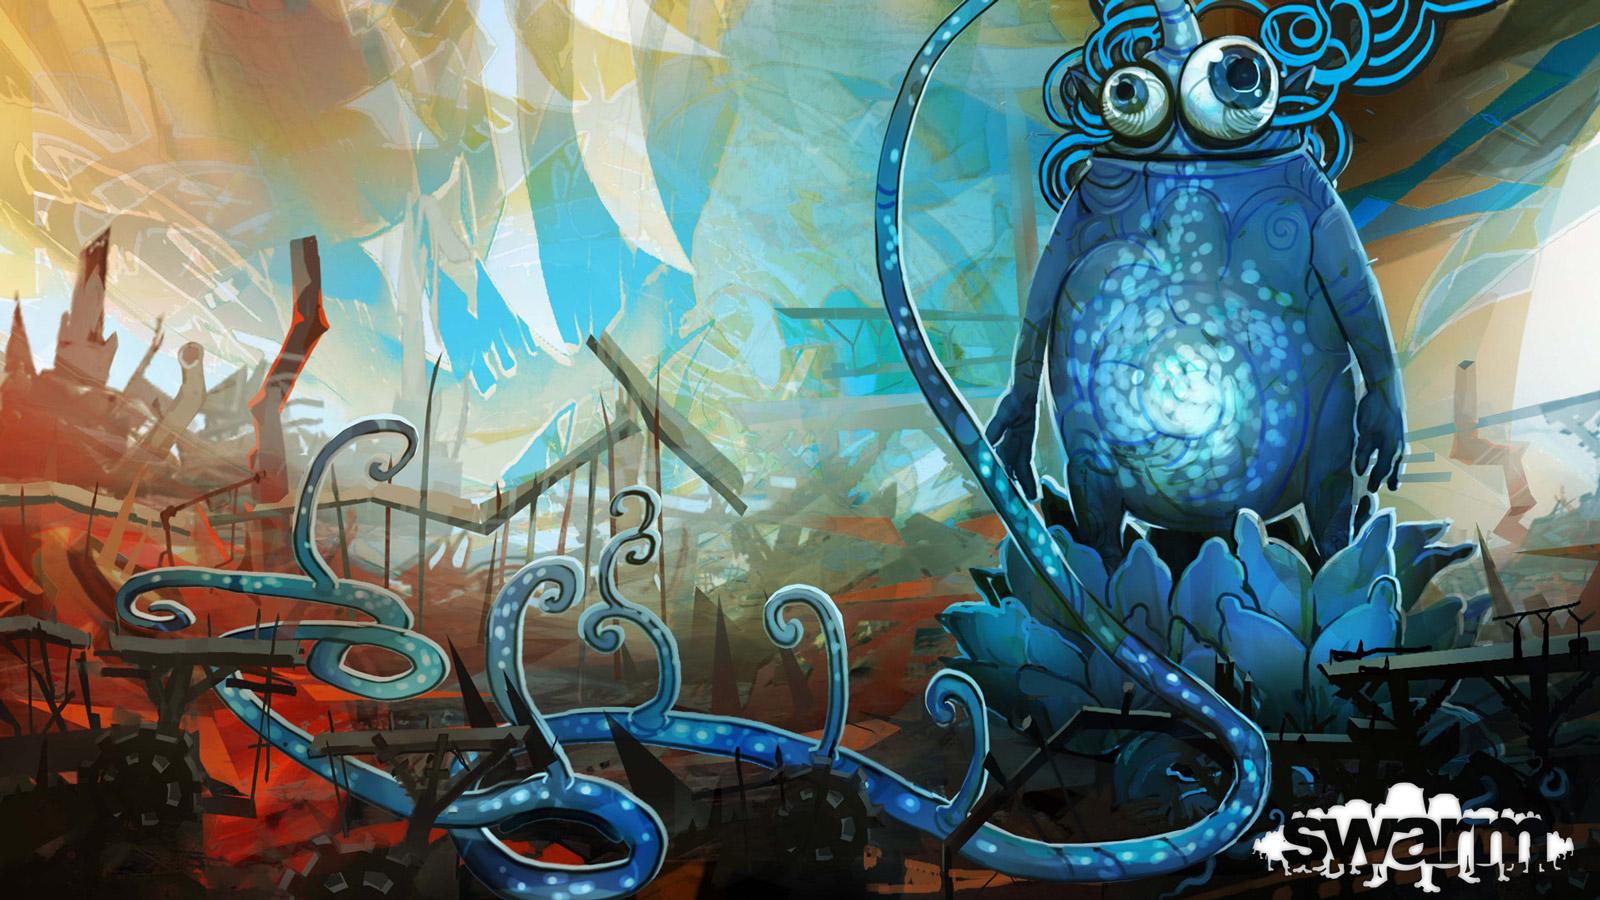 Swarm Wallpaper in 1600x900